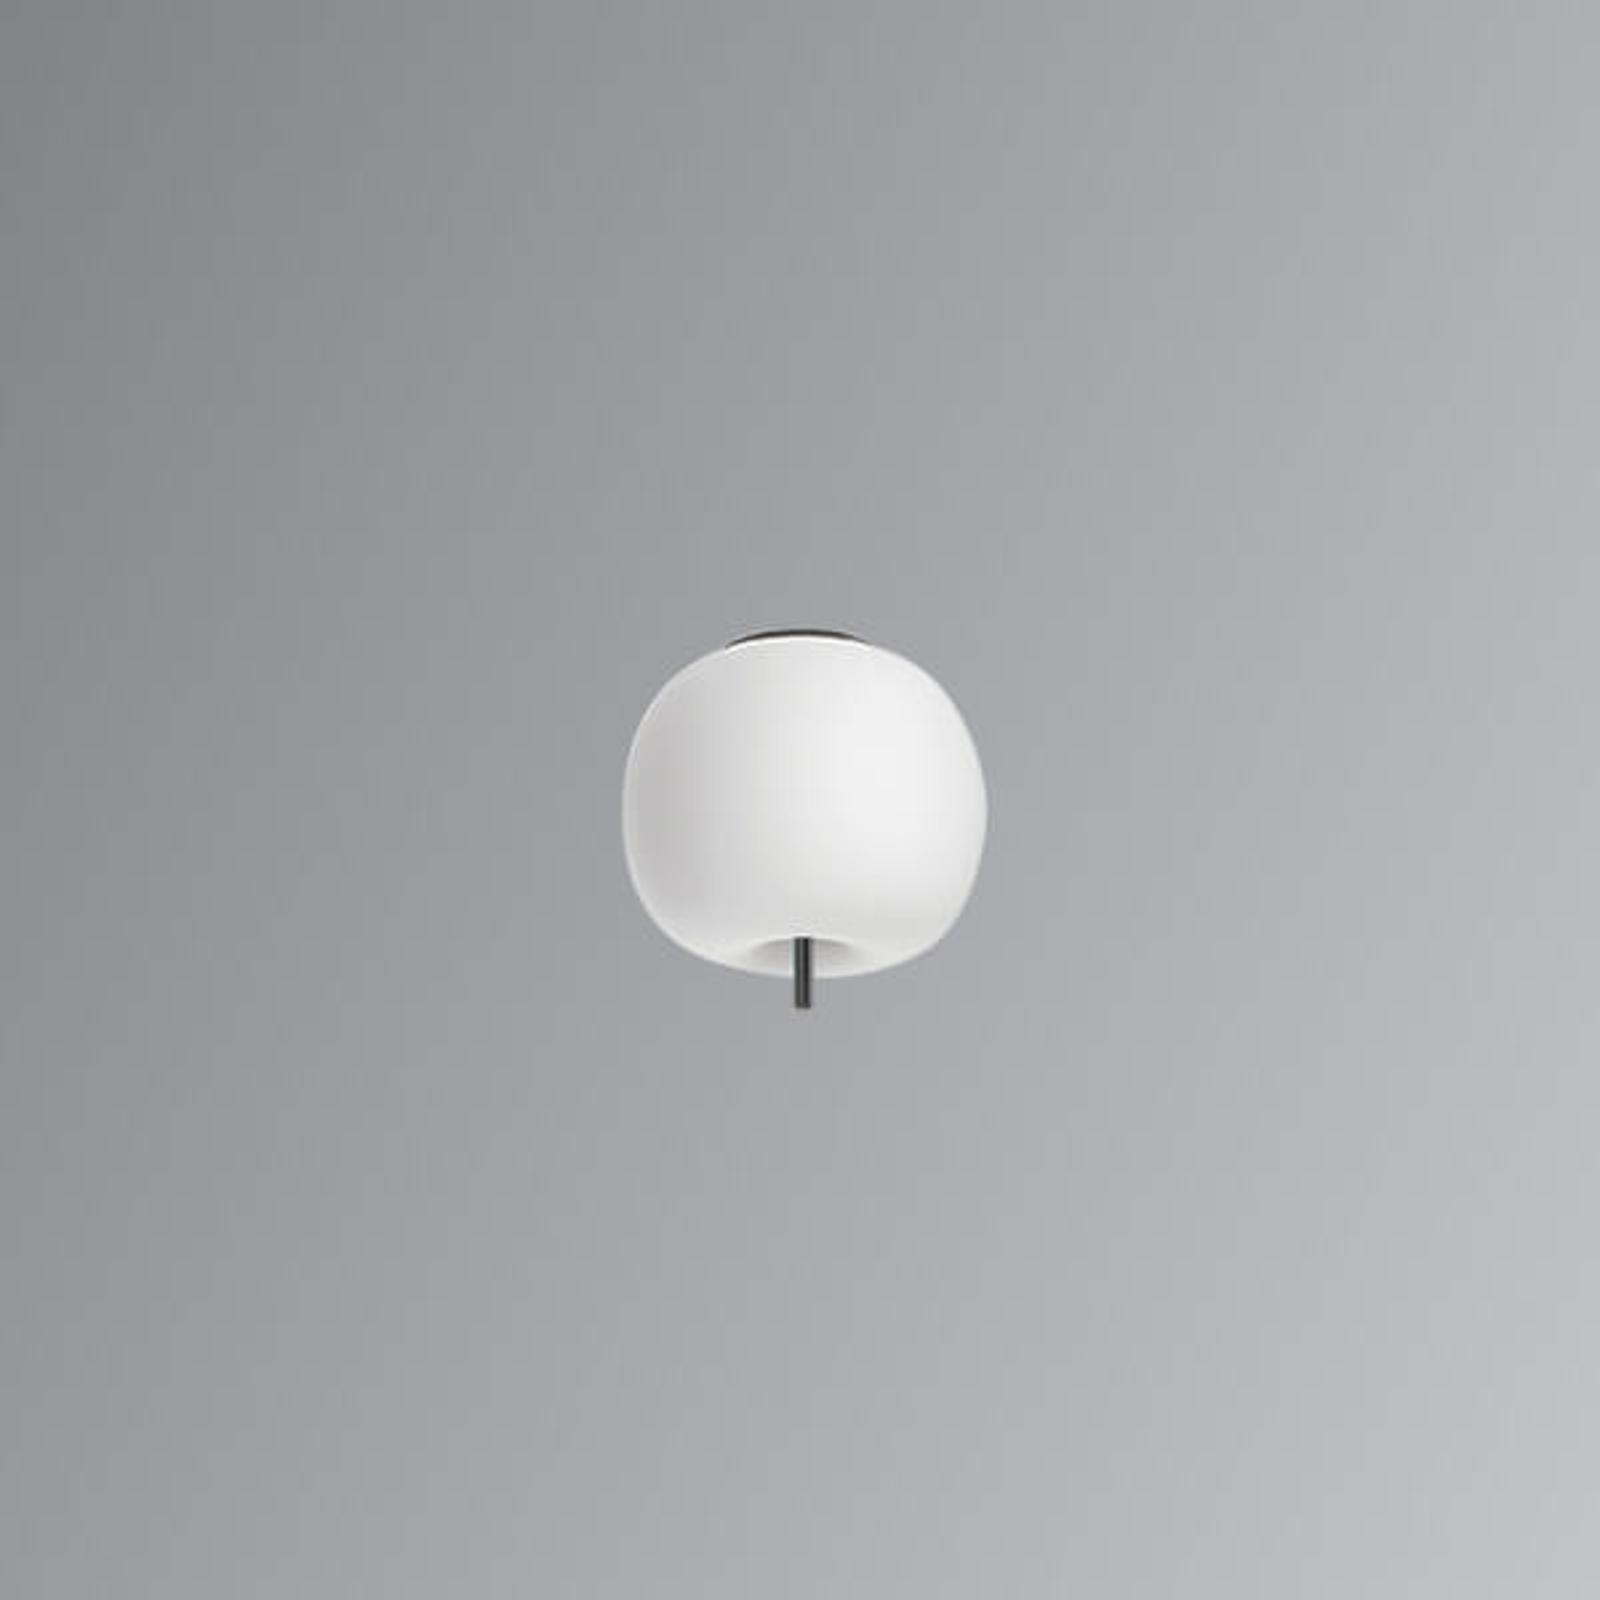 Plafoniera LED di design tonda Kushi, 16 cm